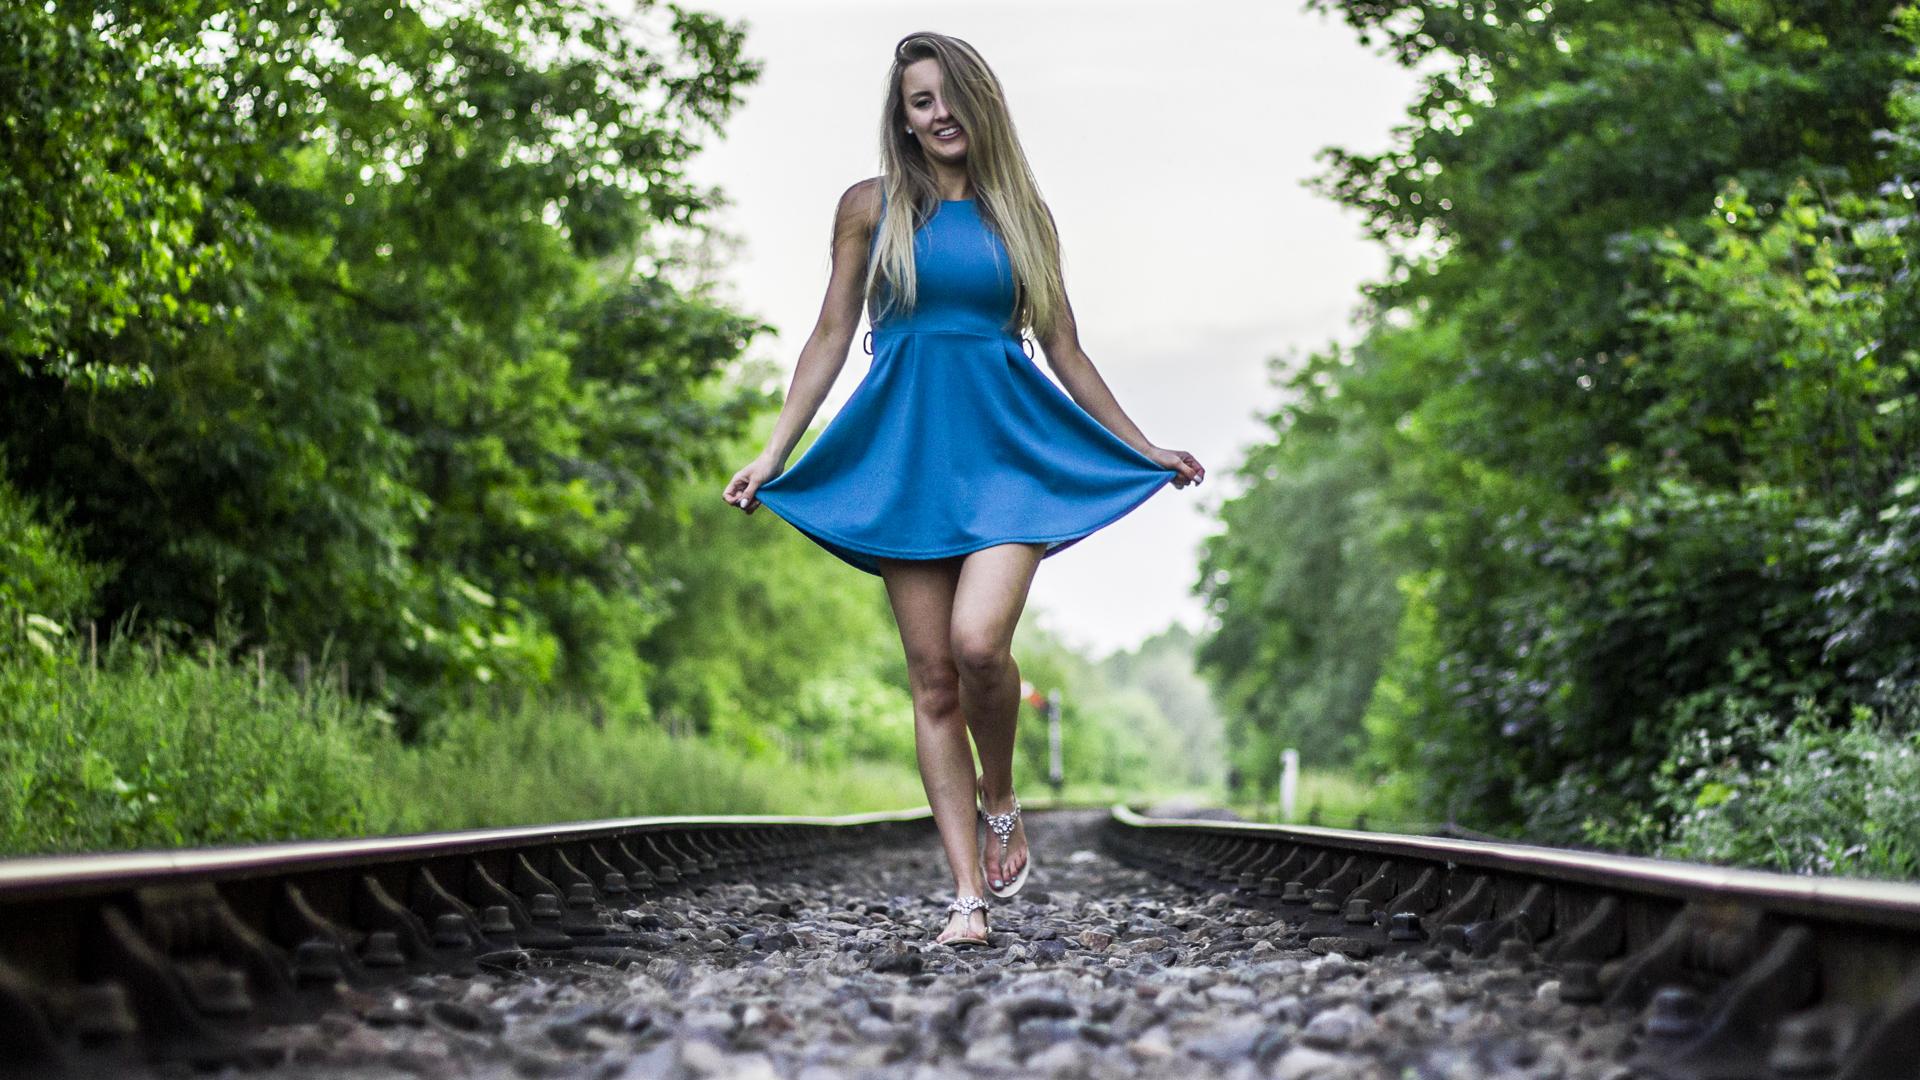 Zoe Railway 1920x1080.jpg